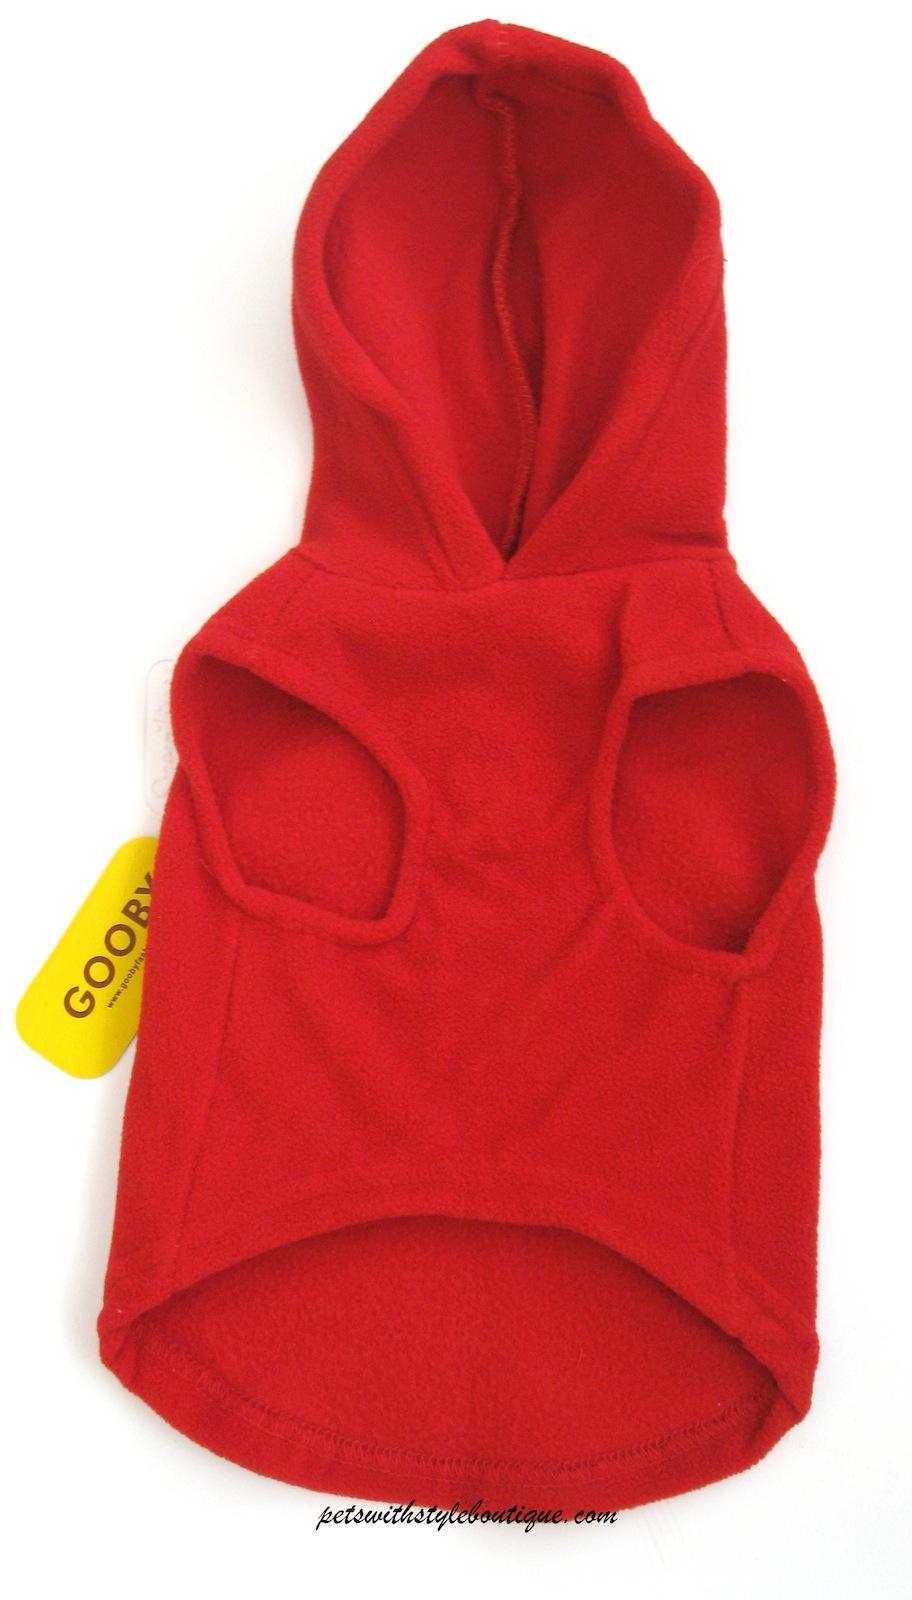 Gooby fleece hoodie harness red underside